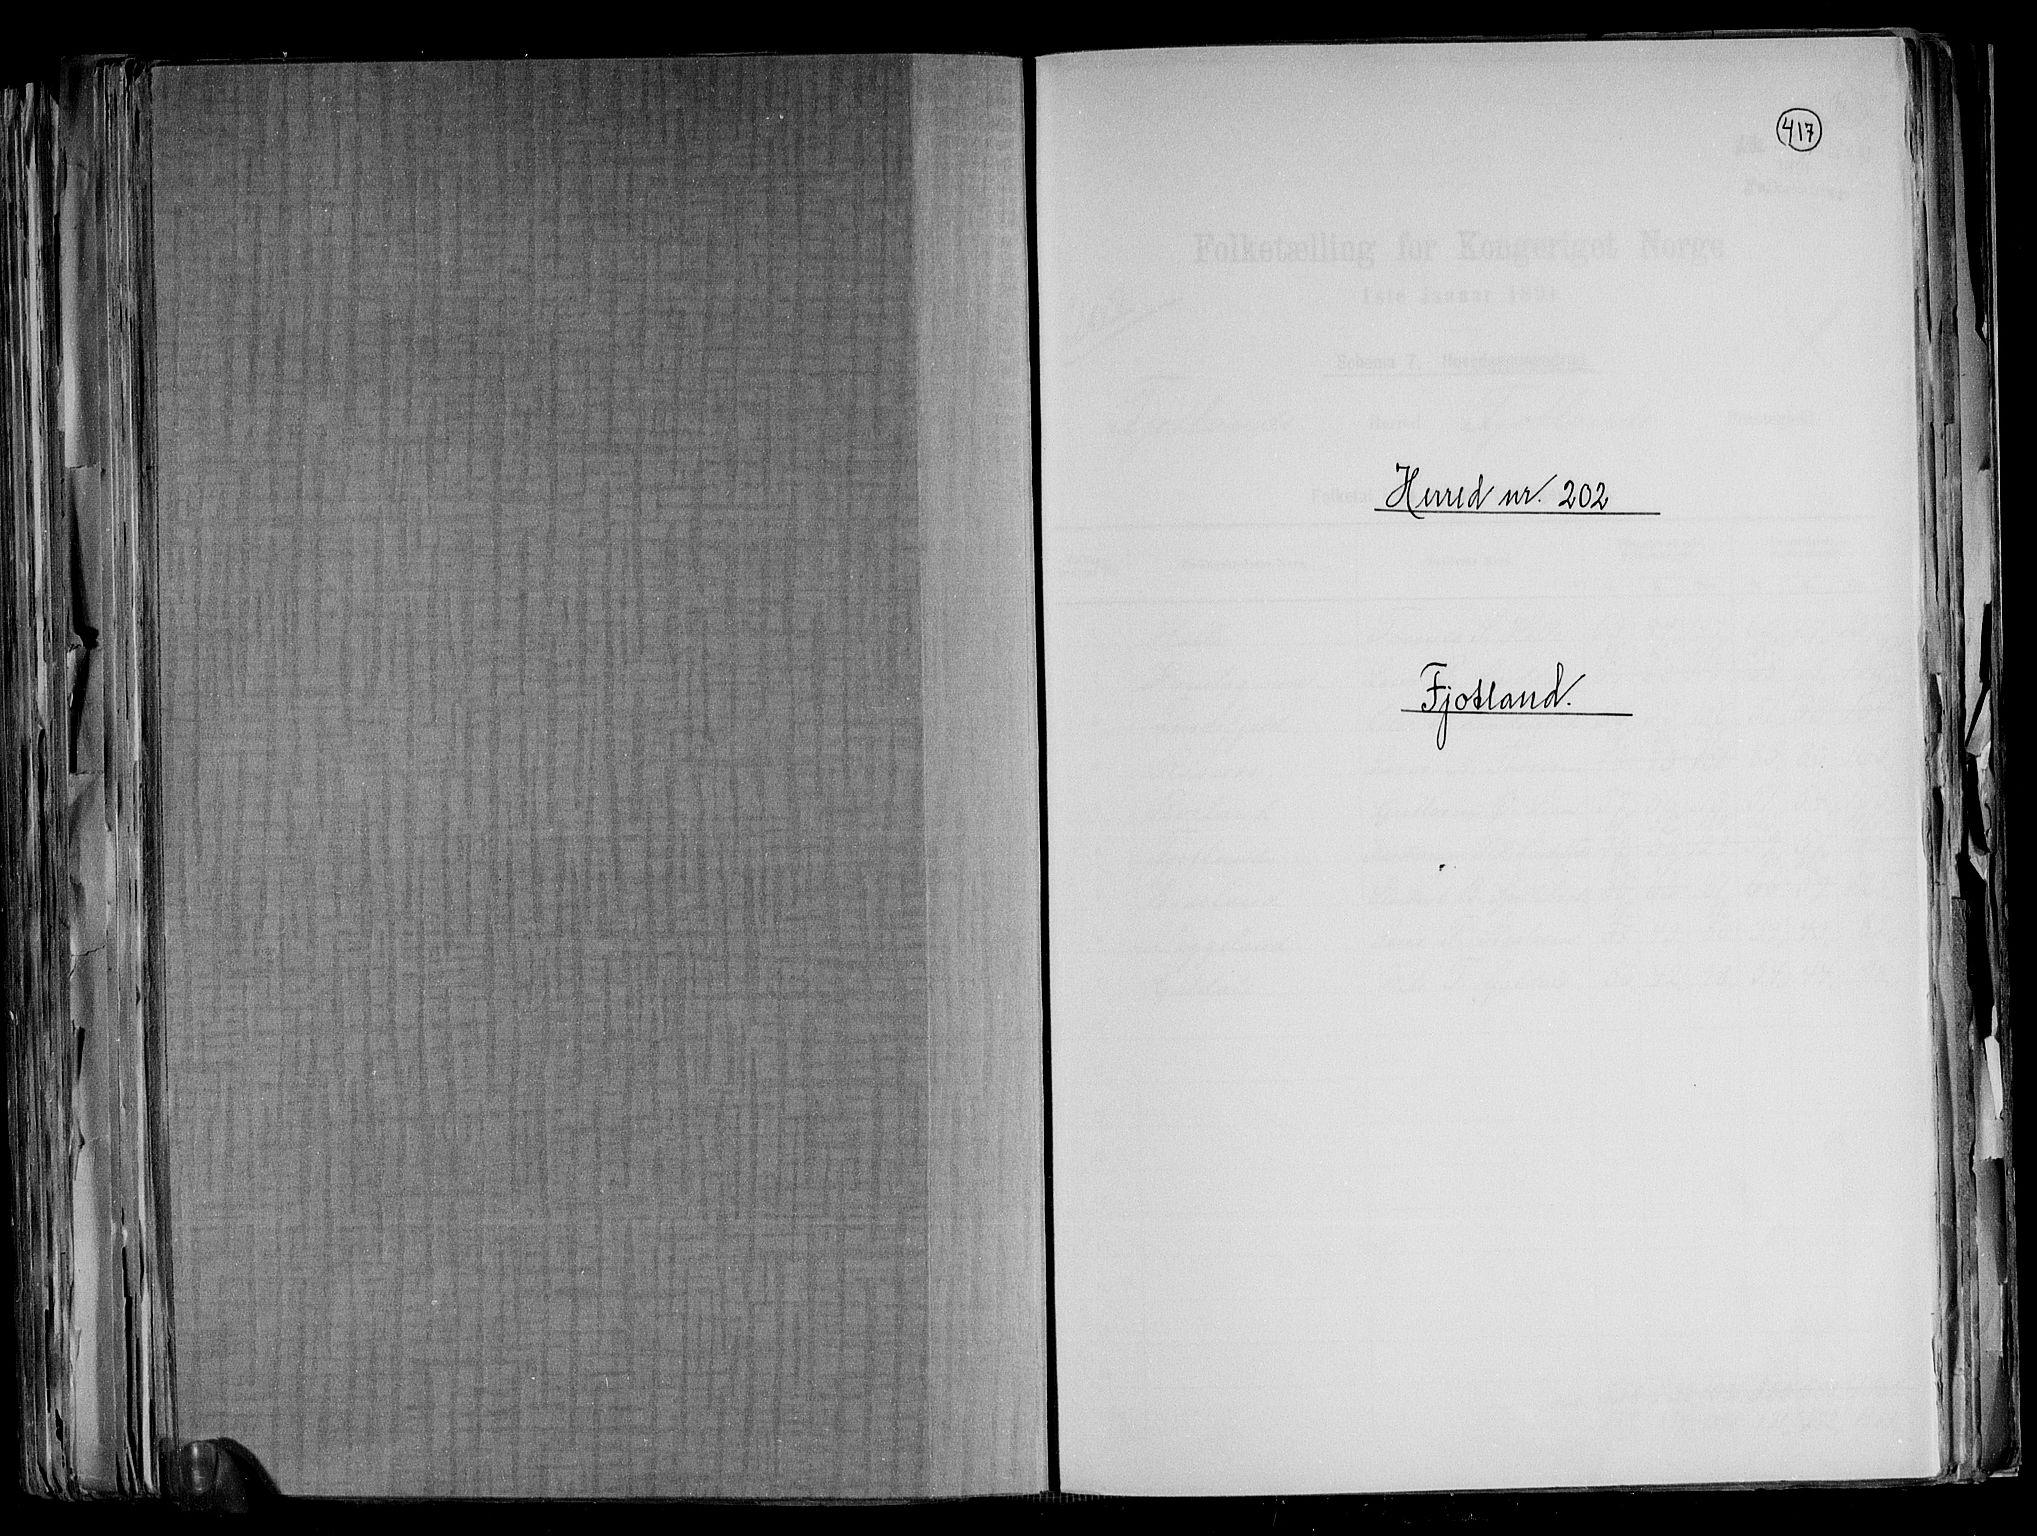 RA, Folketelling 1891 for 1036 Fjotland herred, 1891, s. 1